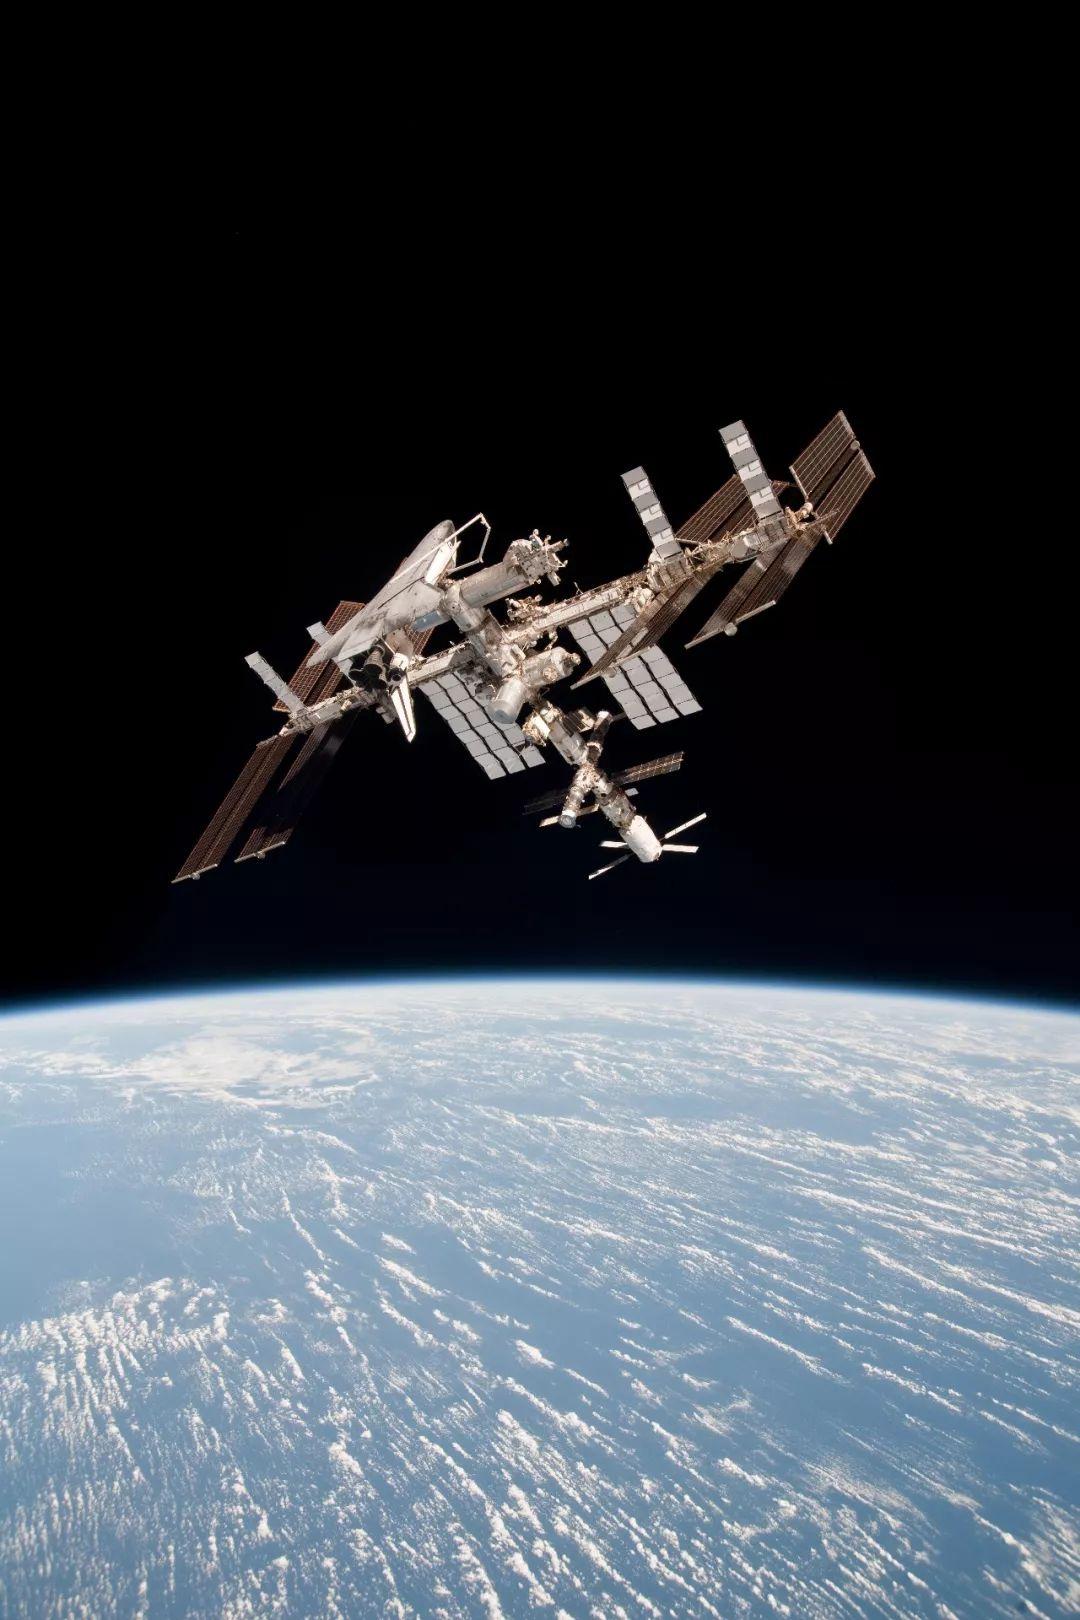 坐上Space X之前 了解一下即將成真的太空旅行吧!